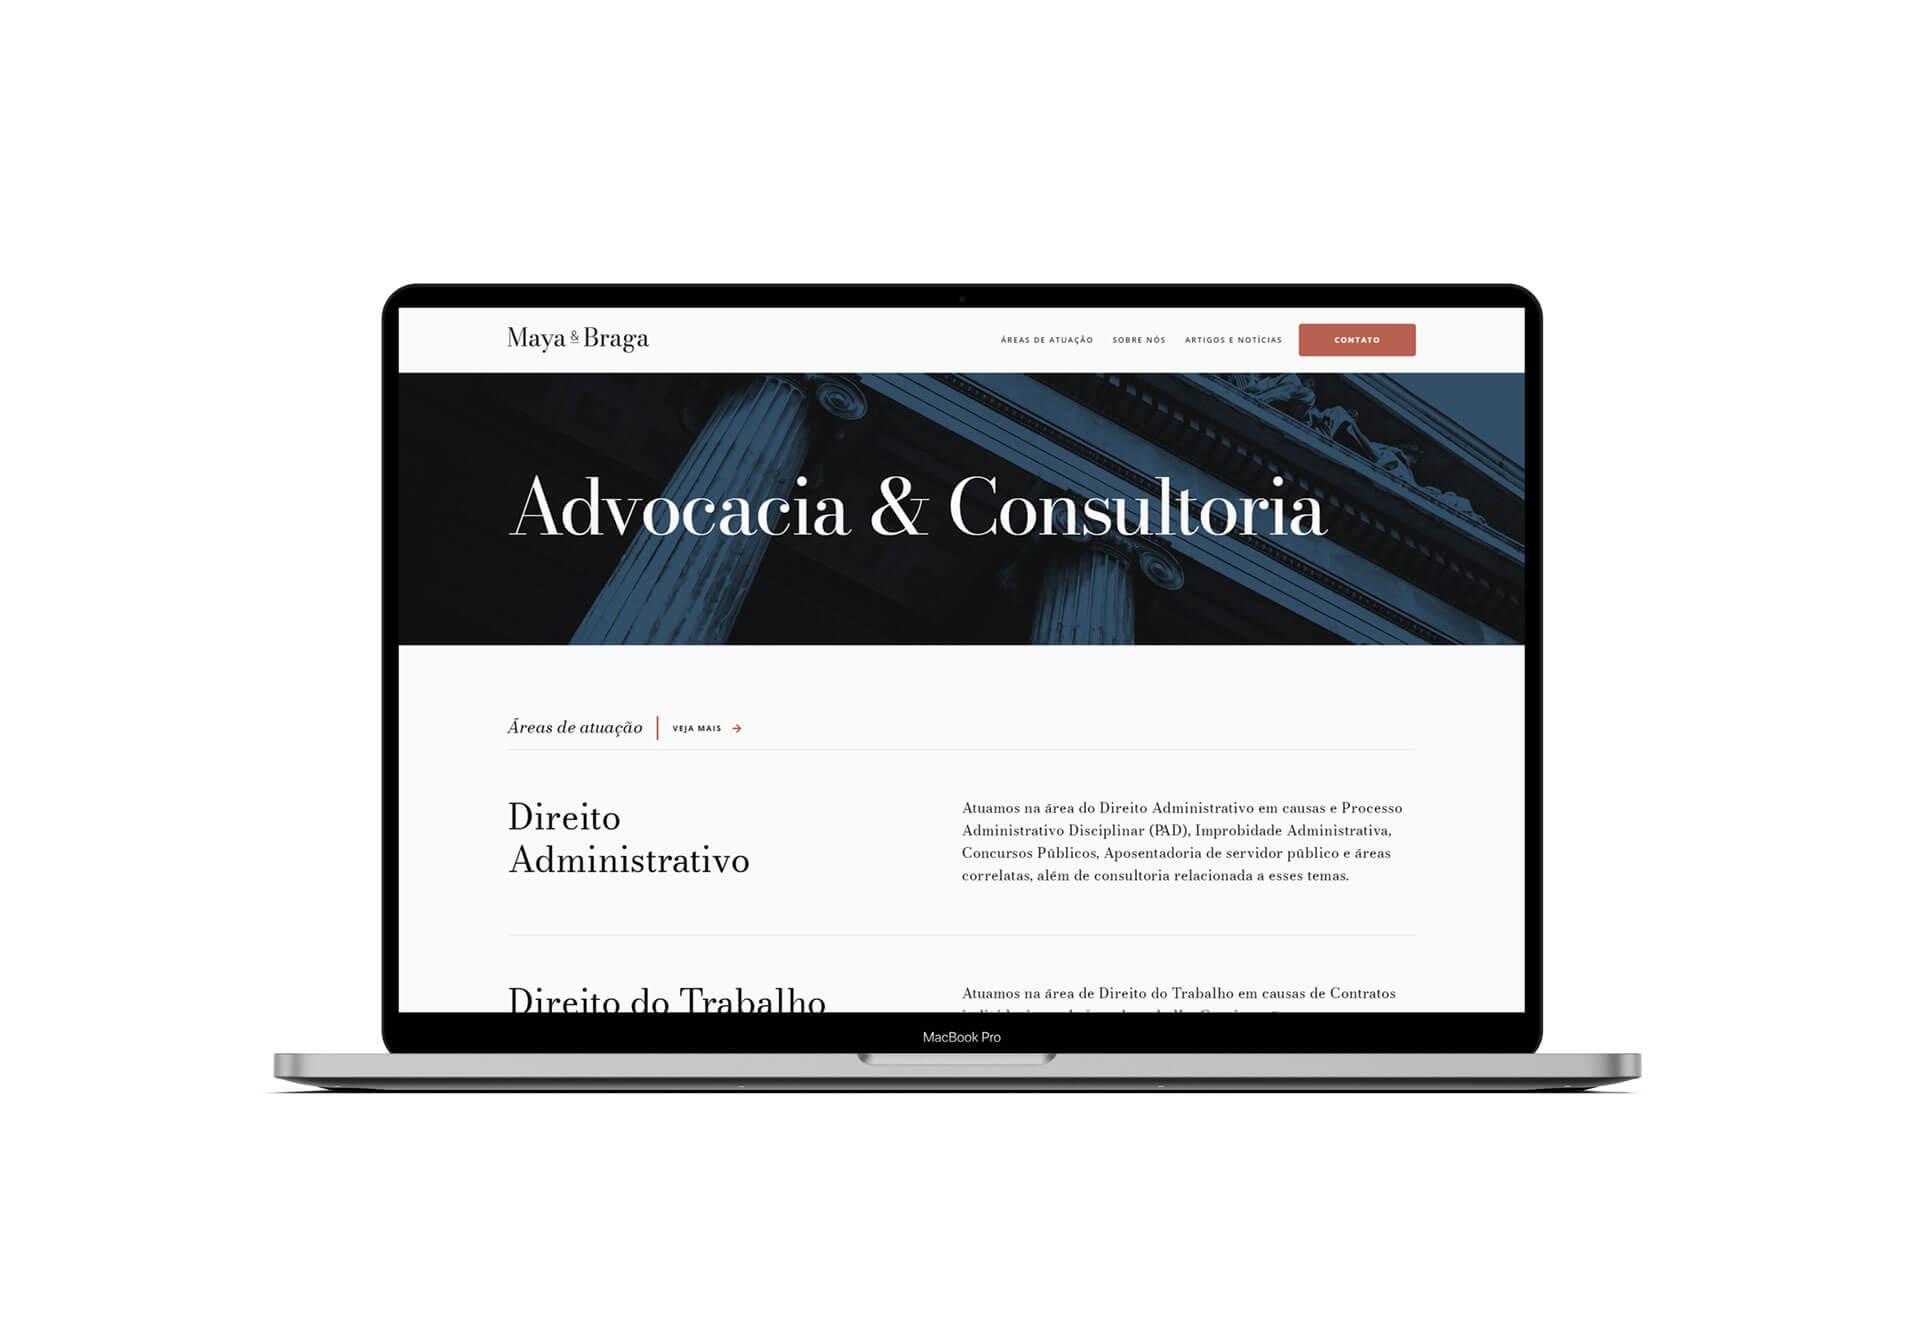 Maya e Braga's homepage